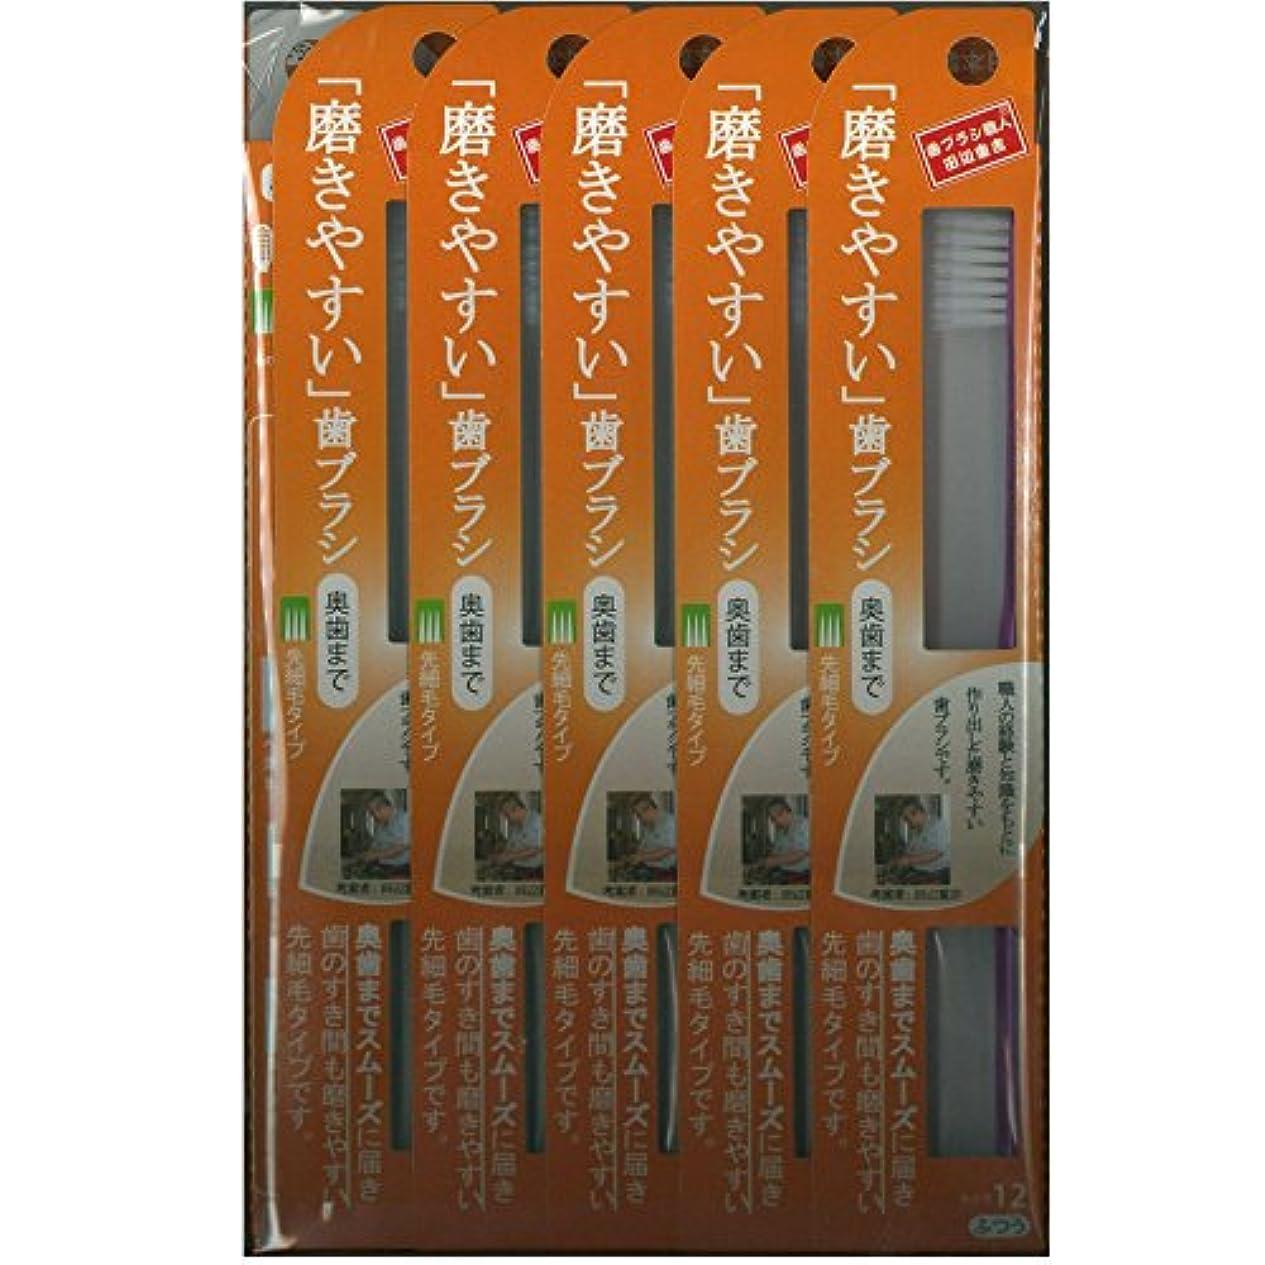 リング処分した取り消す磨きやすい歯ブラシ(奥歯まで)先細 LT-12×12本セット( ピンク×4本、ブルー×4本、グリーン×2本、パープル×2本)